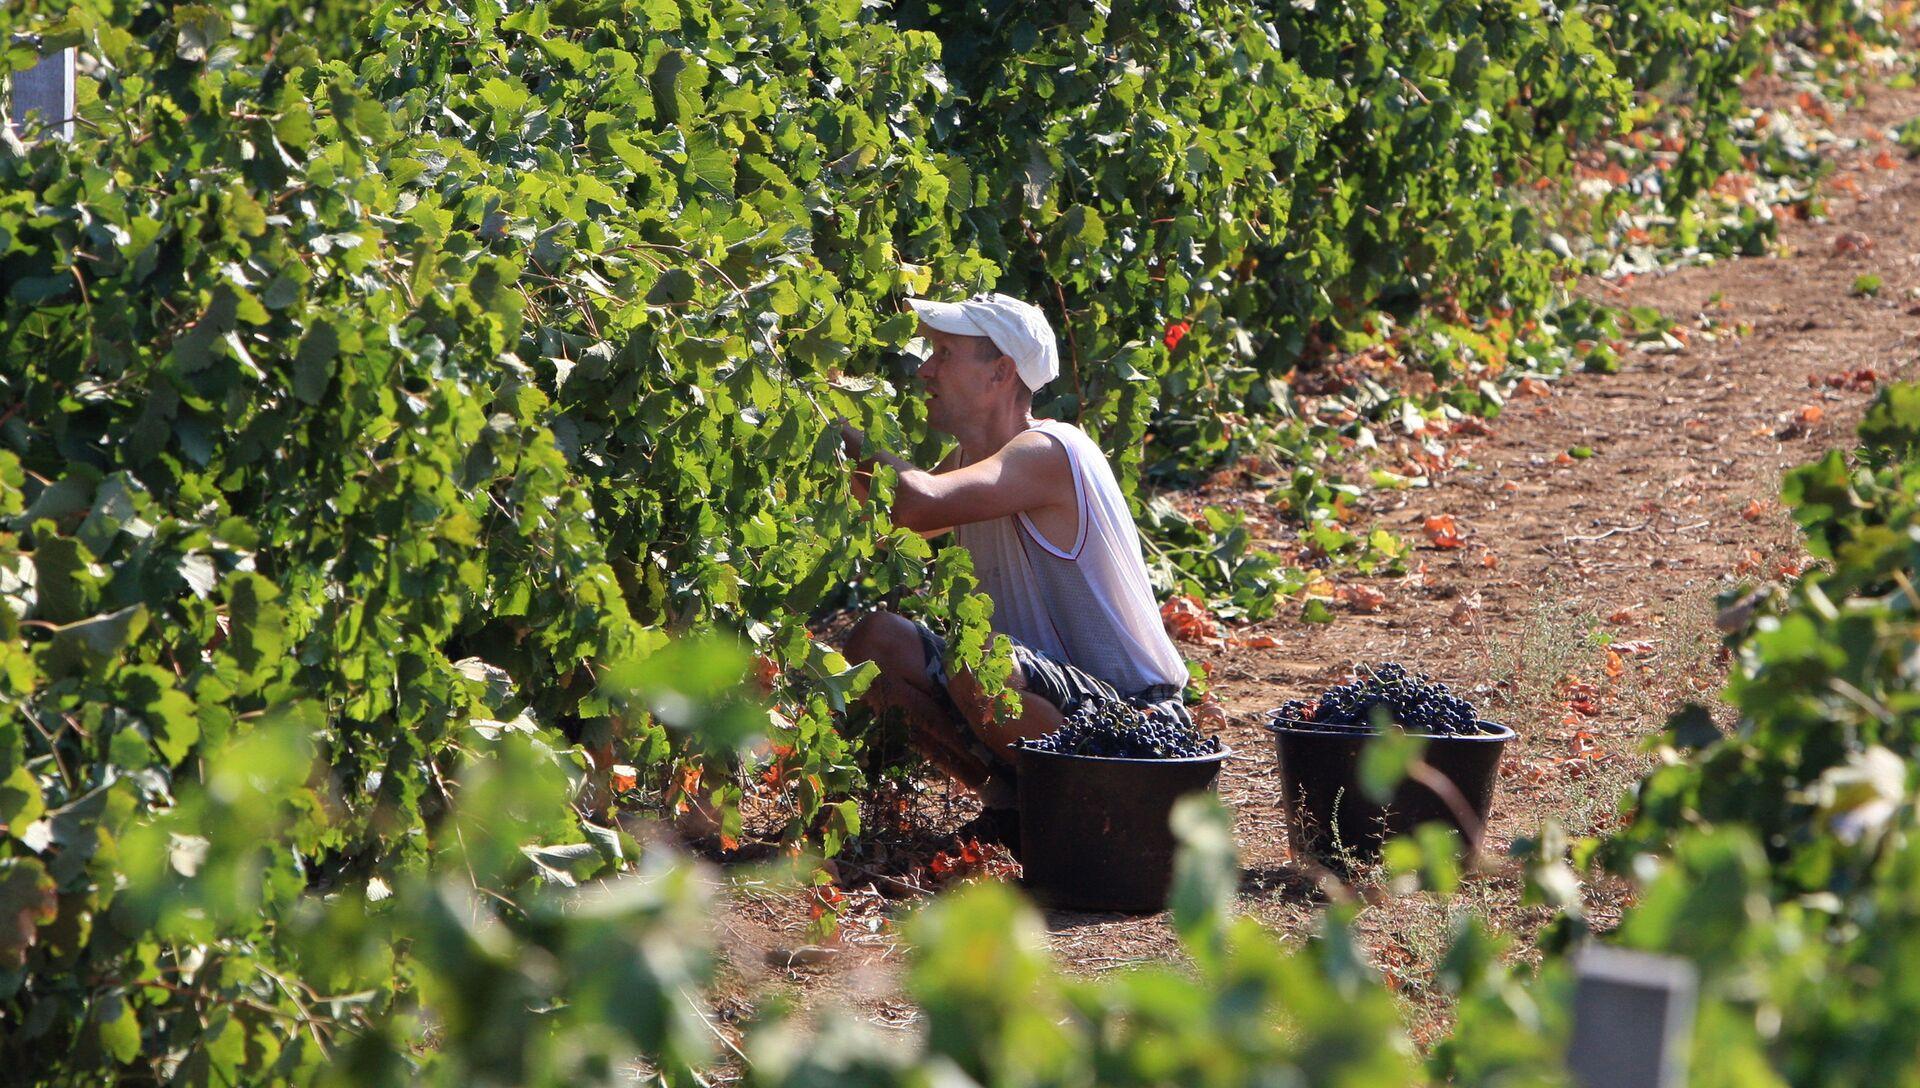 Сбор урожая винограда в Крыму - РИА Новости, 1920, 10.02.2021